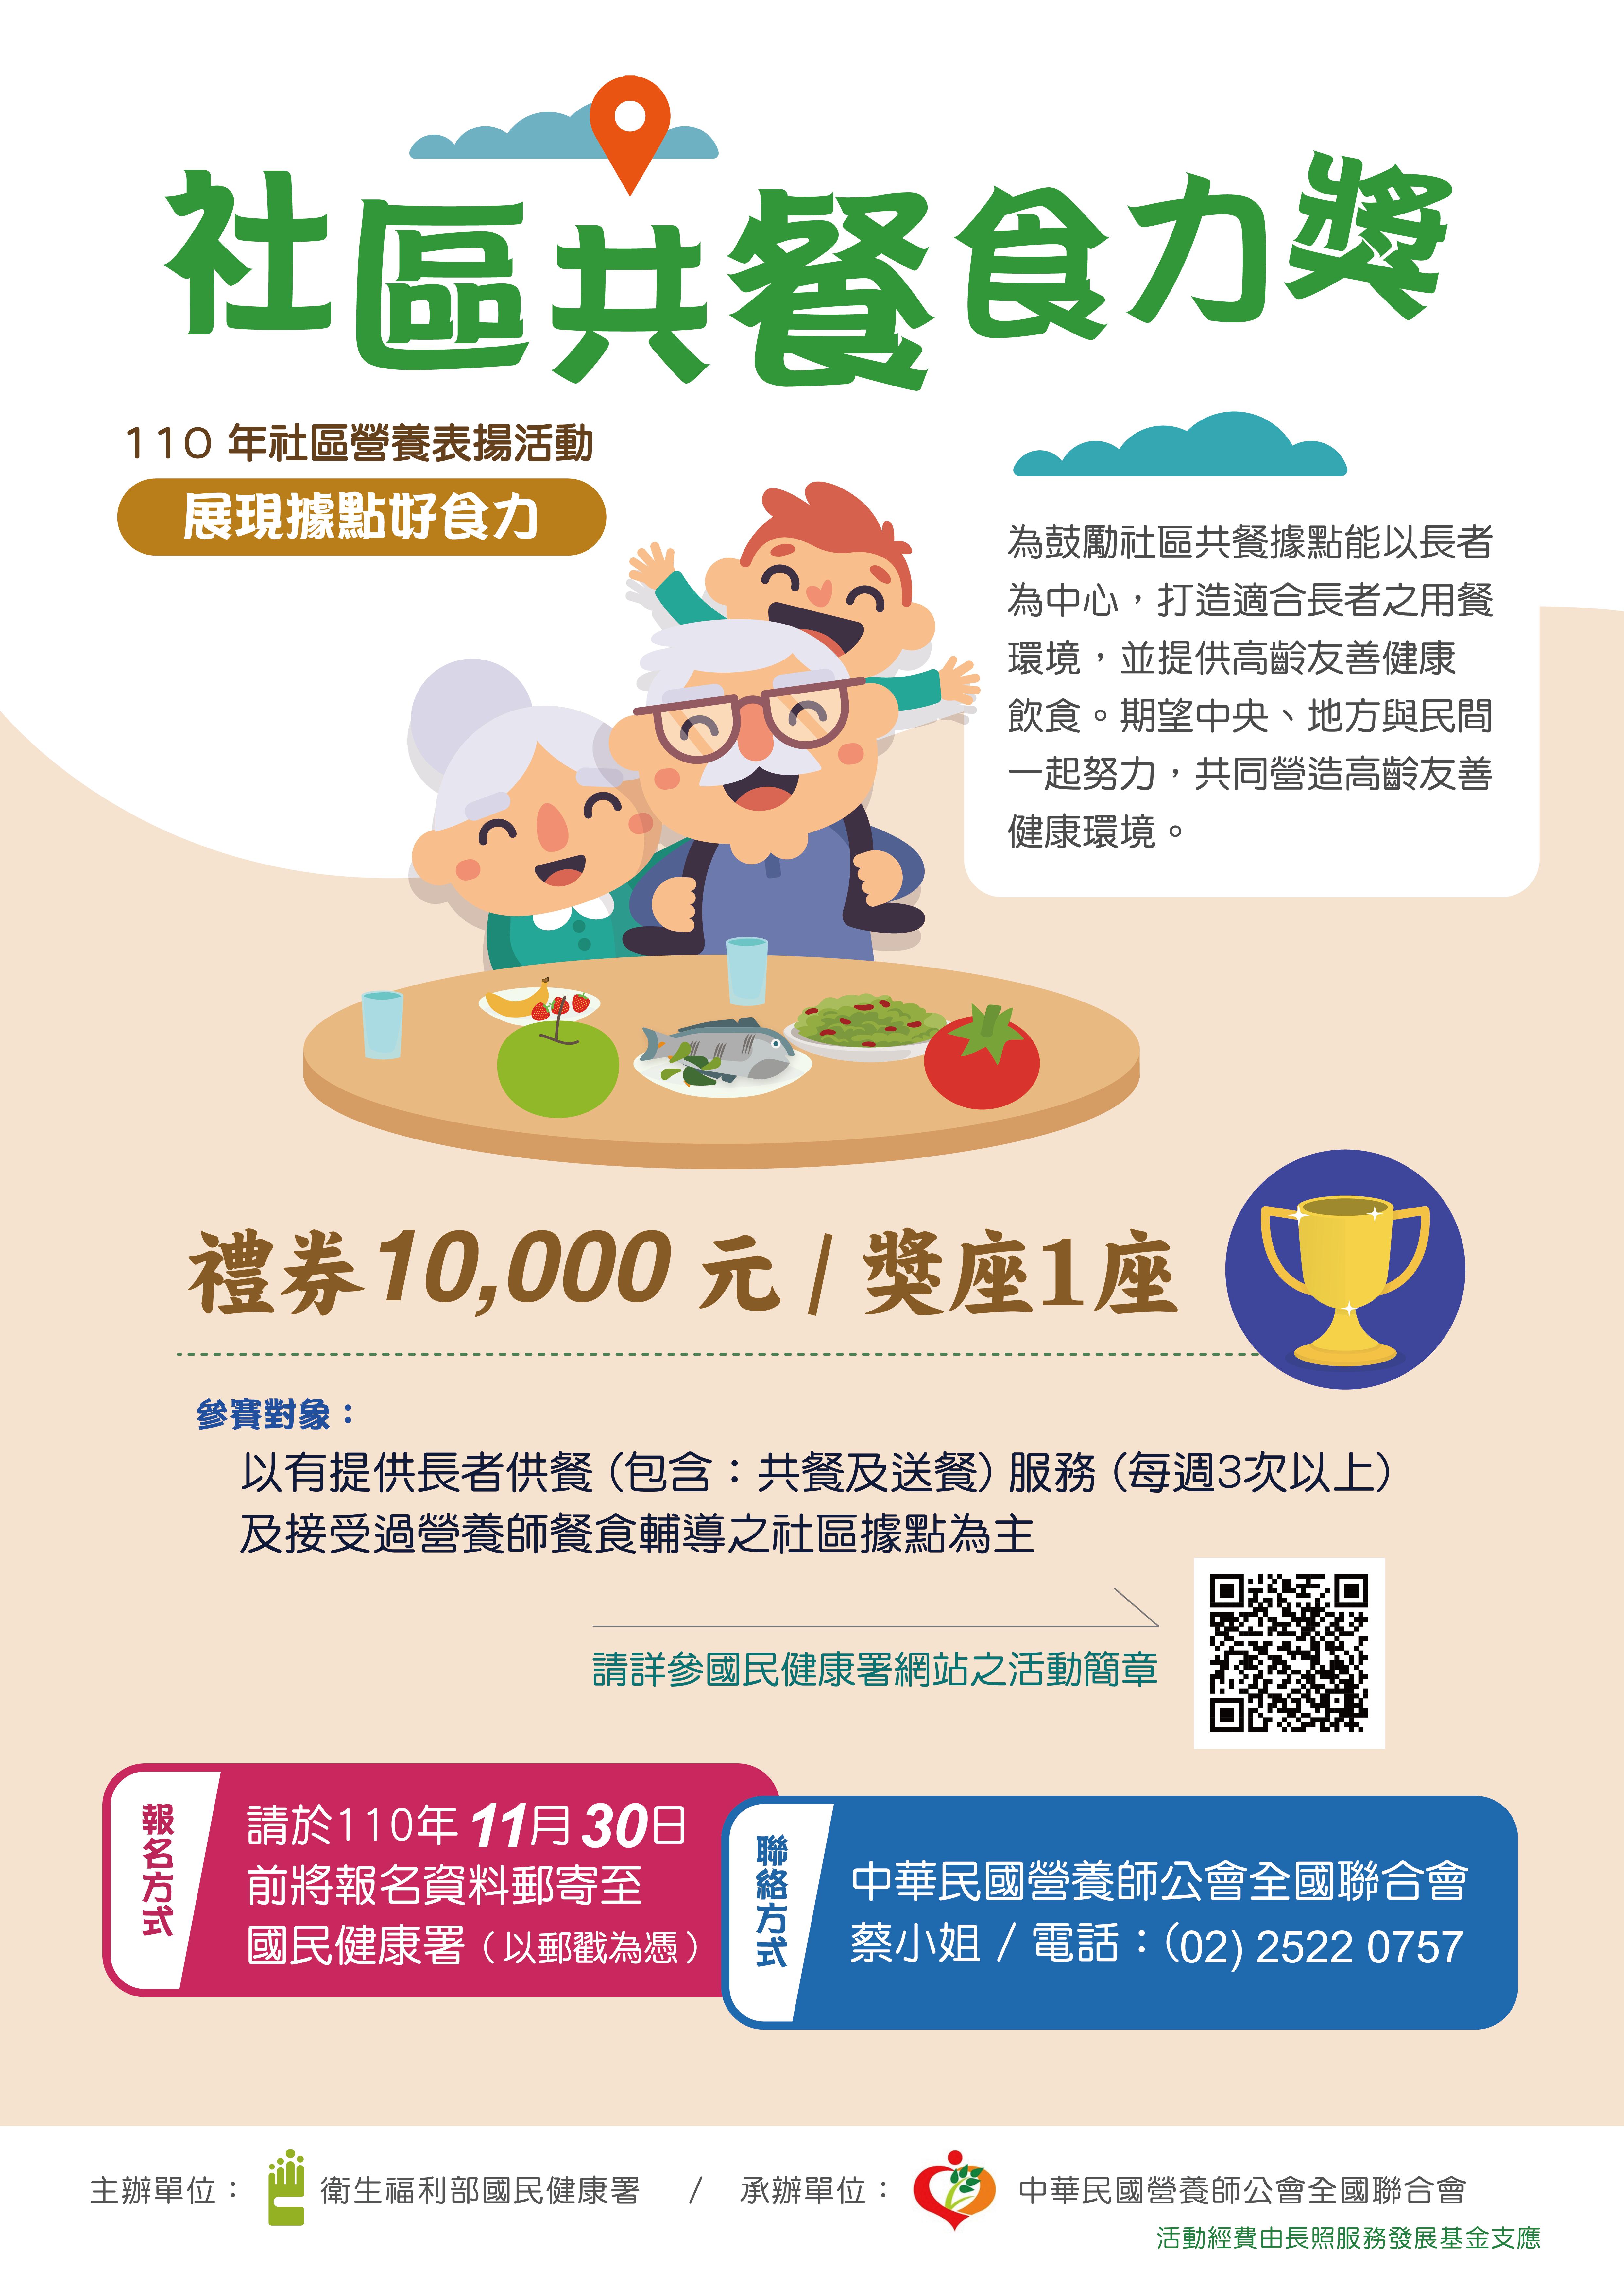 社區共餐食力獎宣傳圖